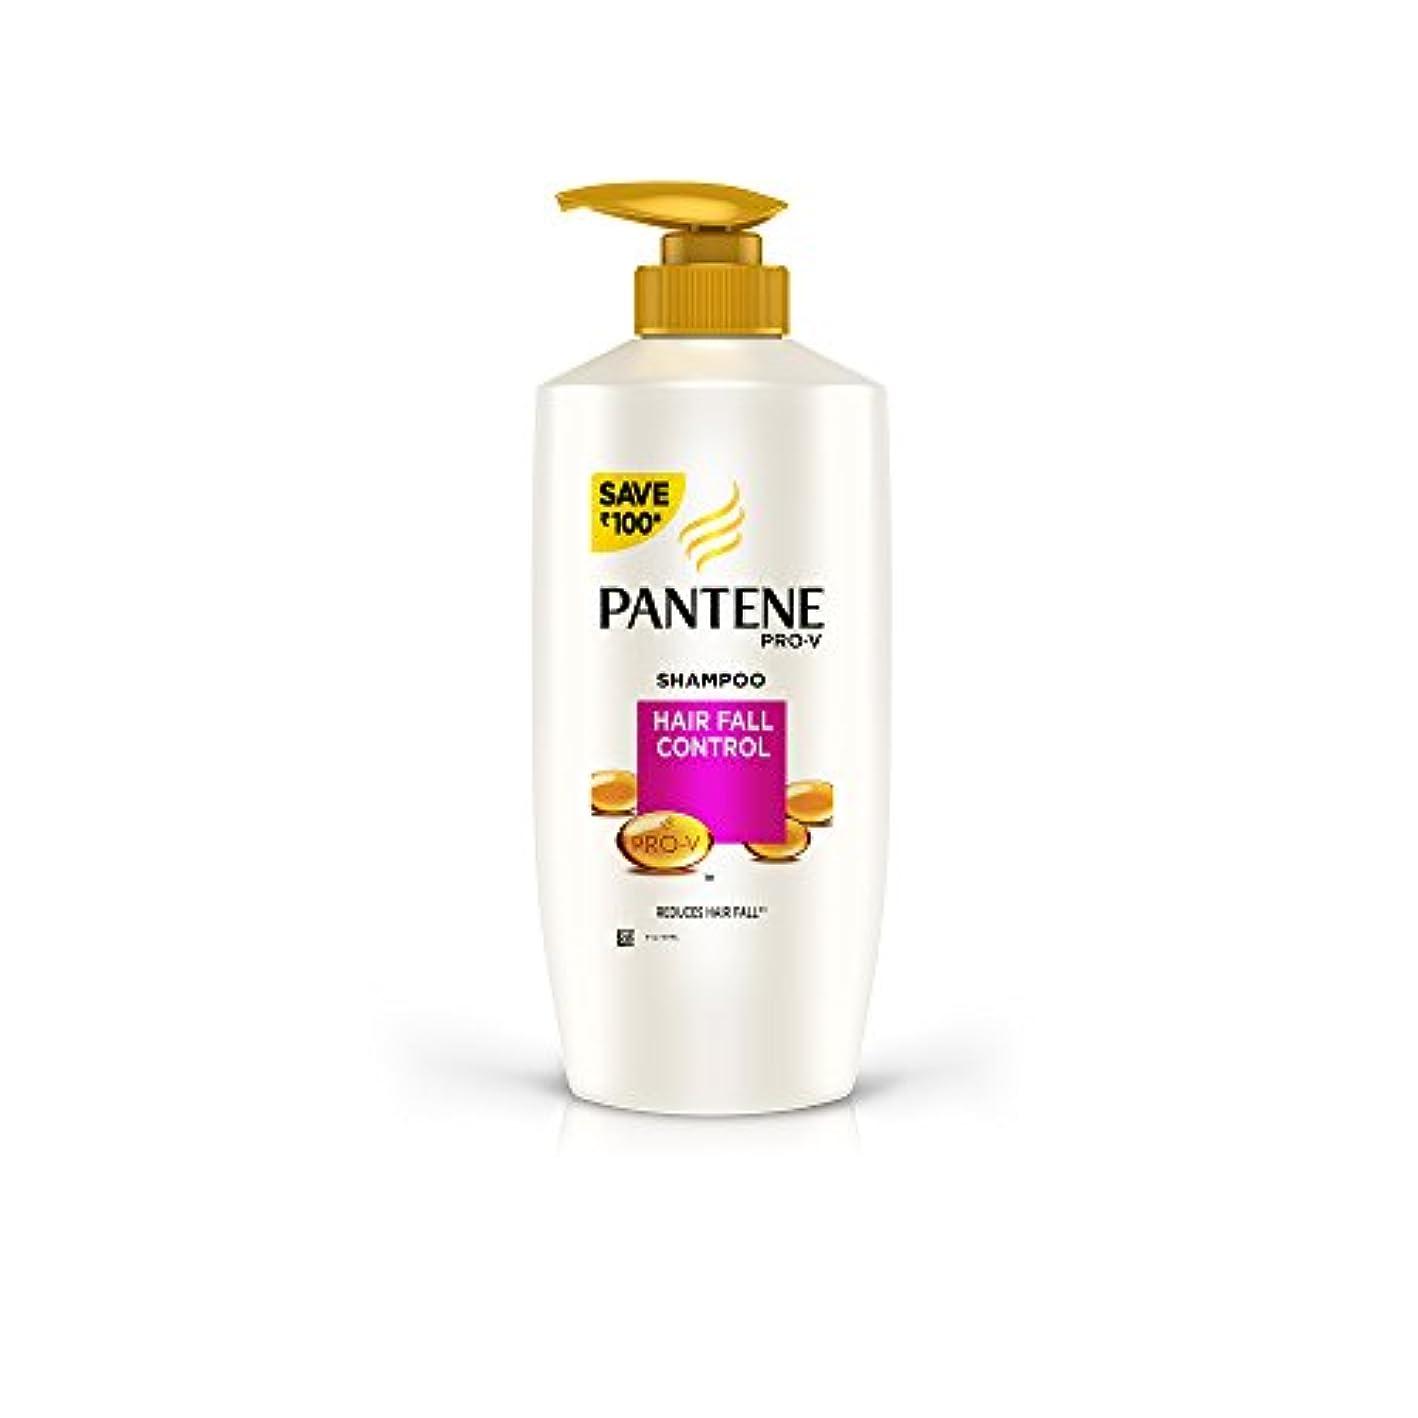 頭セッティング裸PANTENE Hair Fall control SHAMPOO 675 ml (PANTENEヘアフォールコントロールシャンプー675ml)